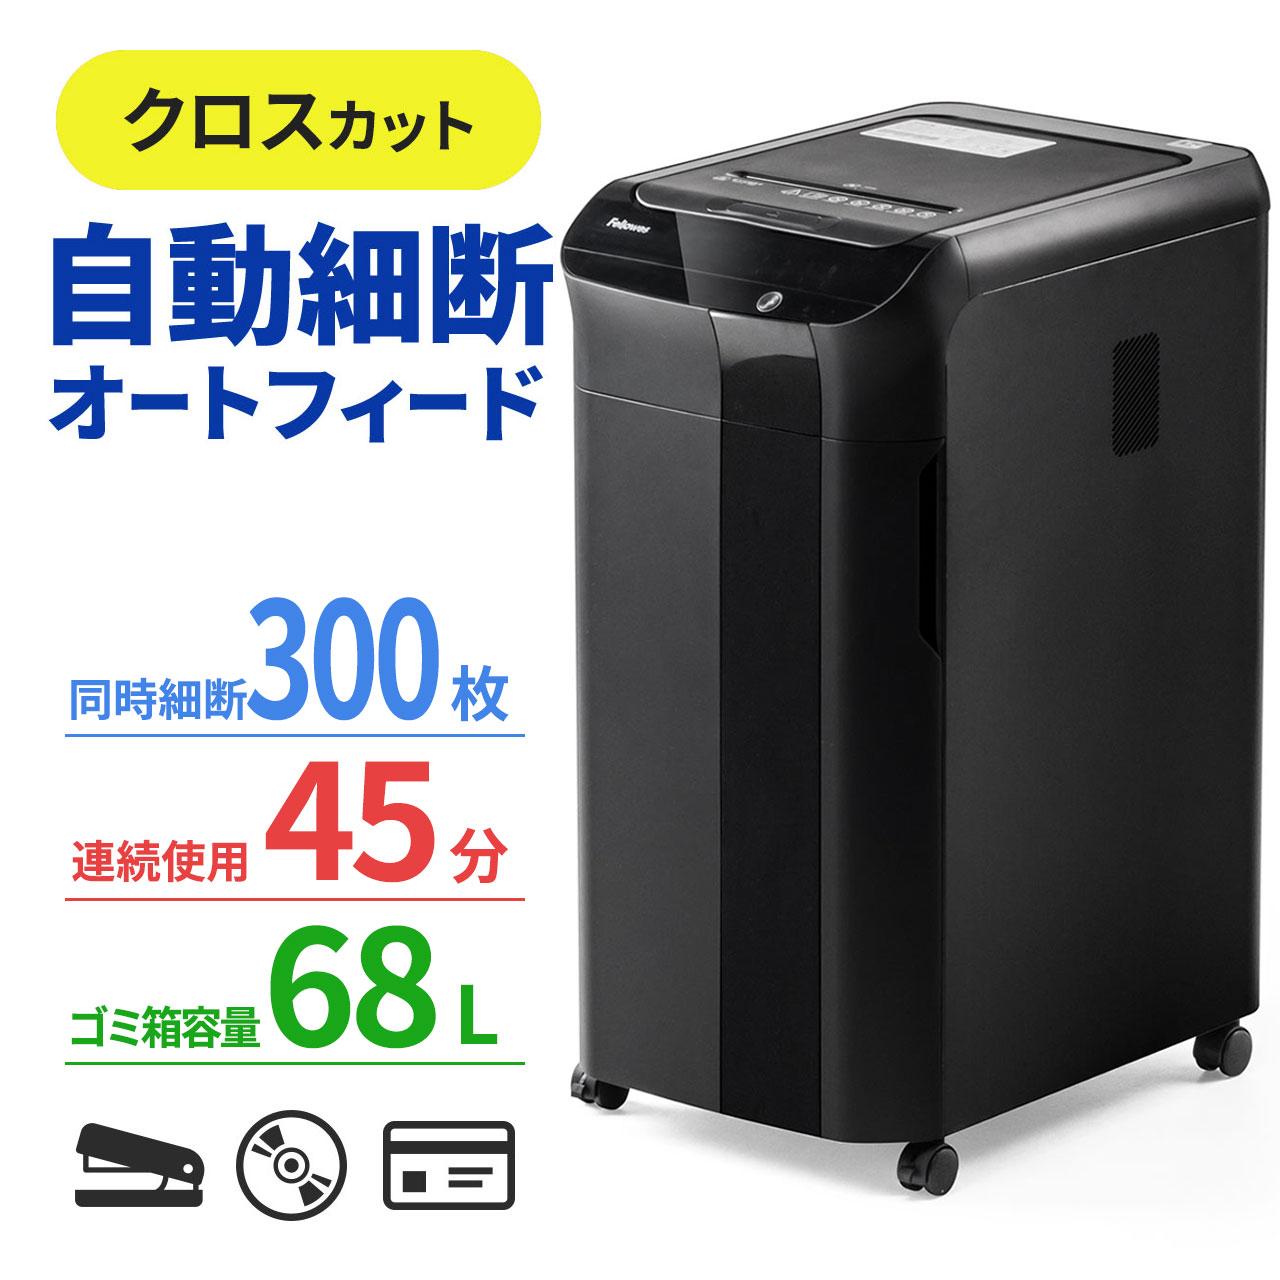 Polystyrol//PP DONAU 7465001PL-01 Briefablage schwarz Standard A4